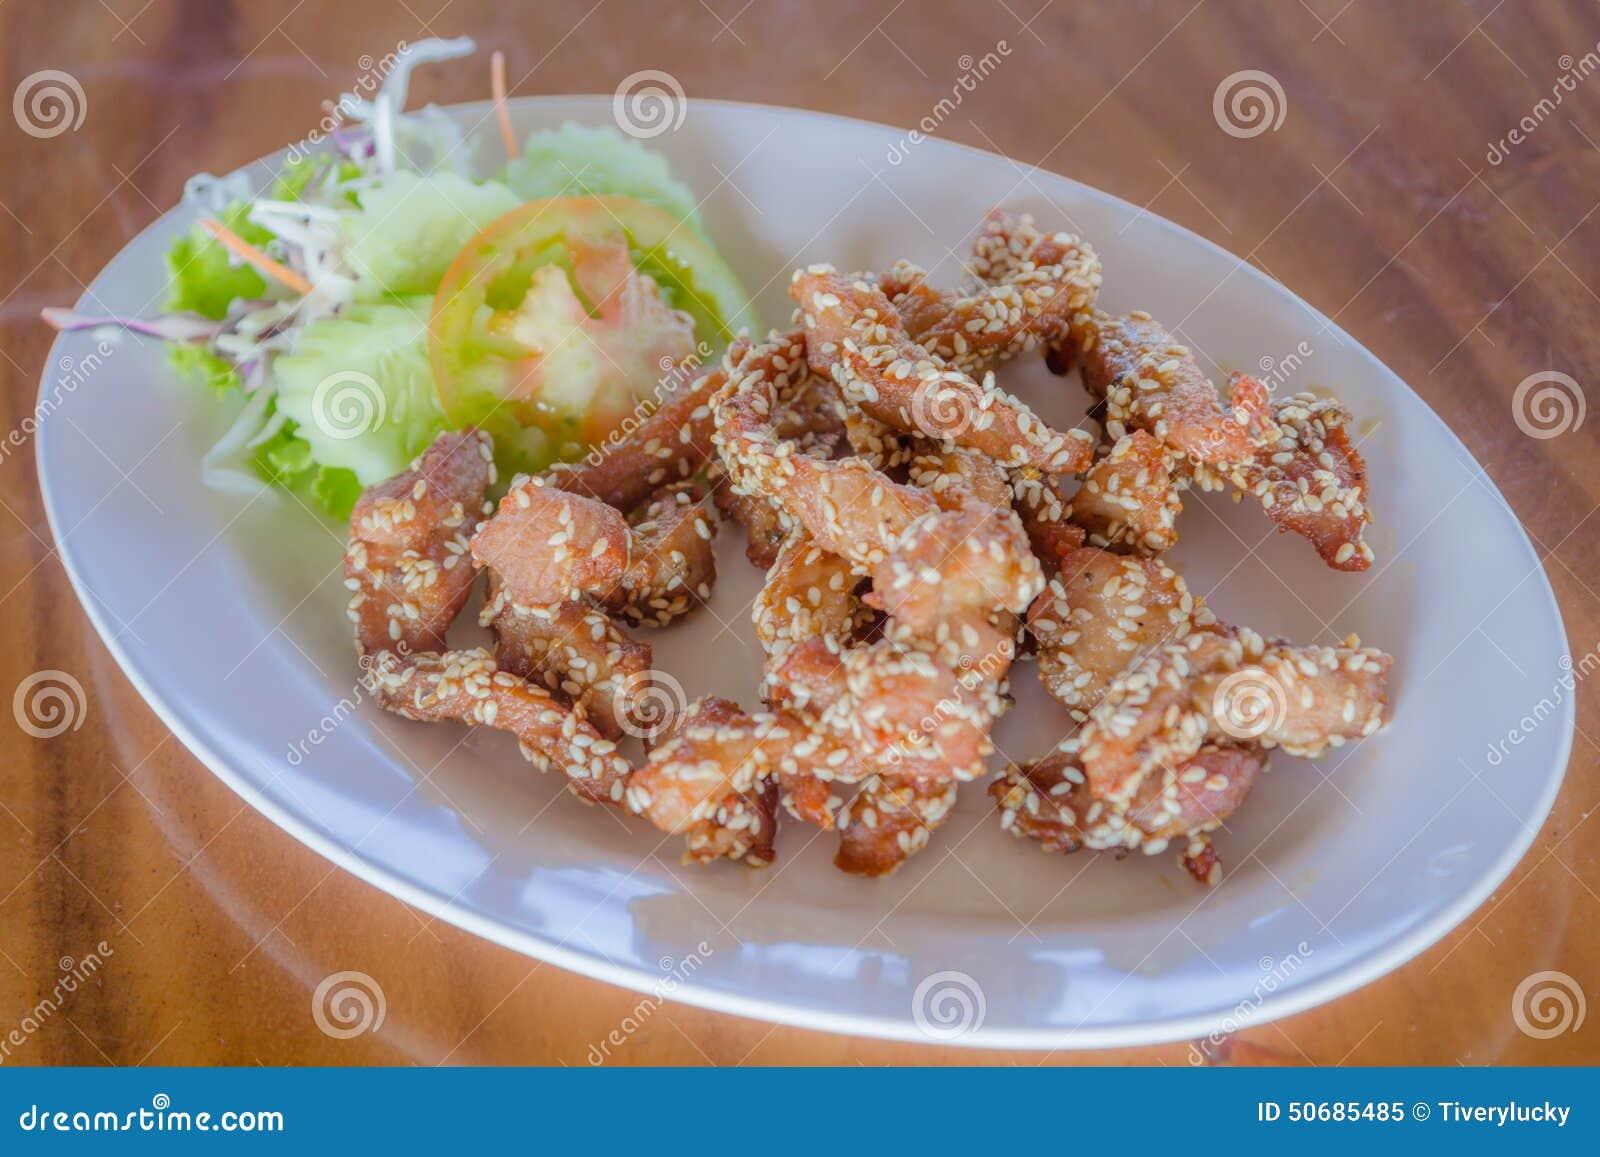 Download 油煎的猪肉 库存图片. 图片 包括有 正餐, 大蒜, 五颜六色, 午餐, 猪肉, 混乱, 菜单, 筷子, 膳食 - 50685485